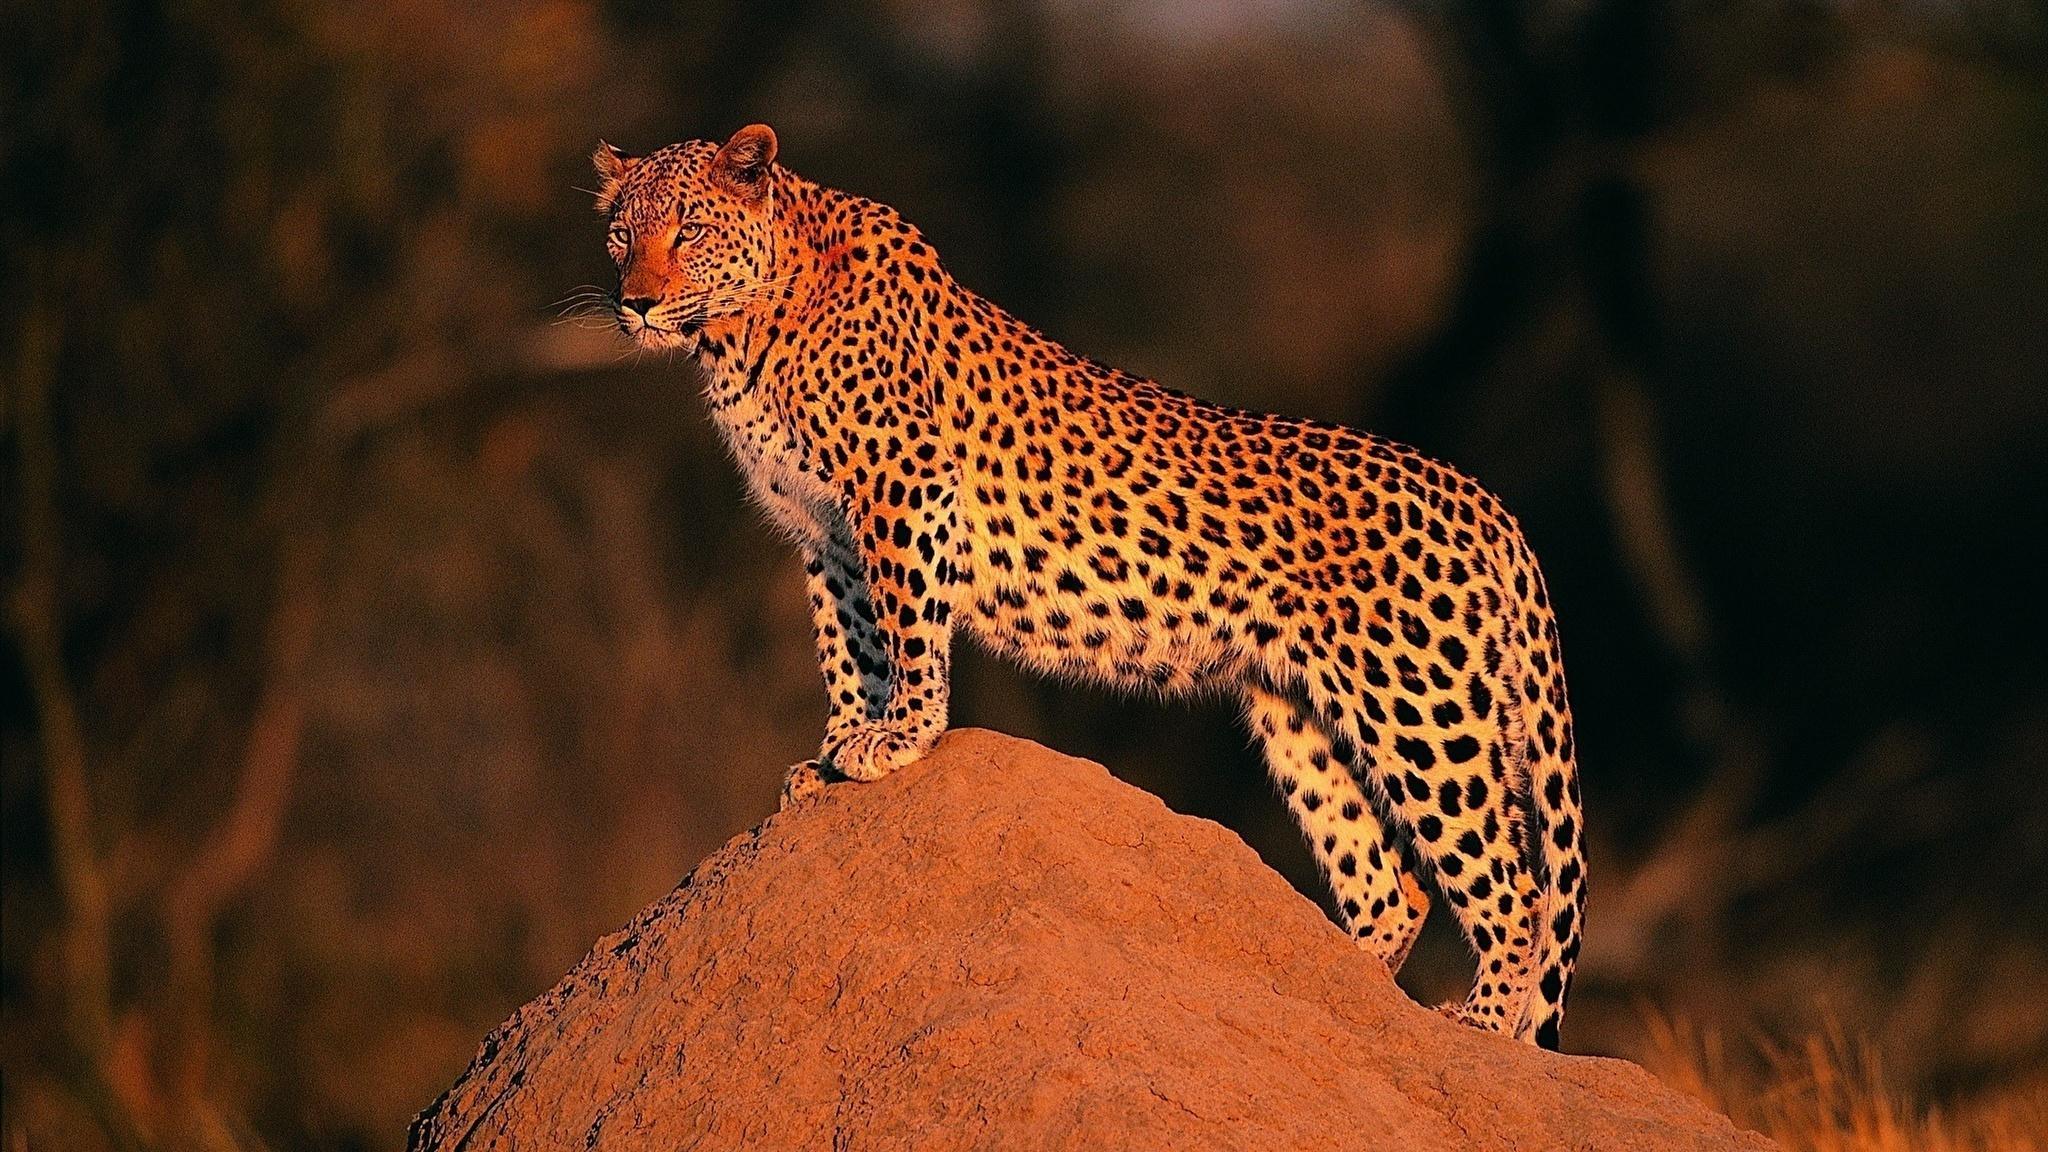 Самцы и самки леопардов выбрали разный режим дня